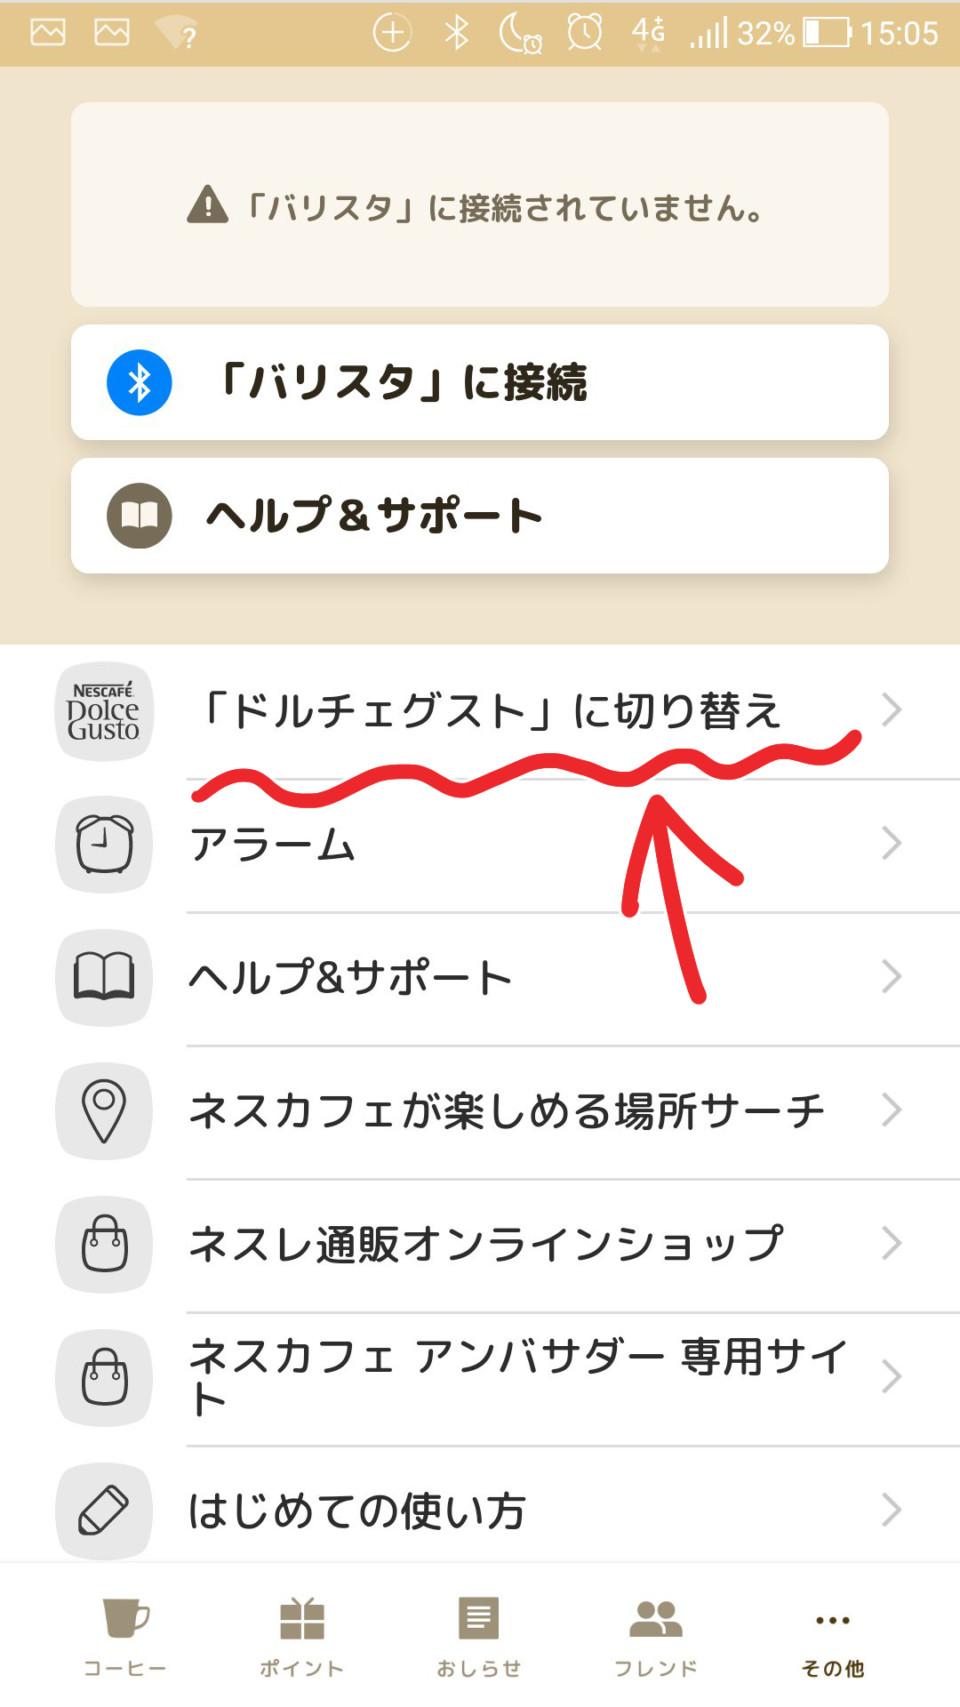 ドルチェグストのアプリでQRコードのポイントを貯める方法